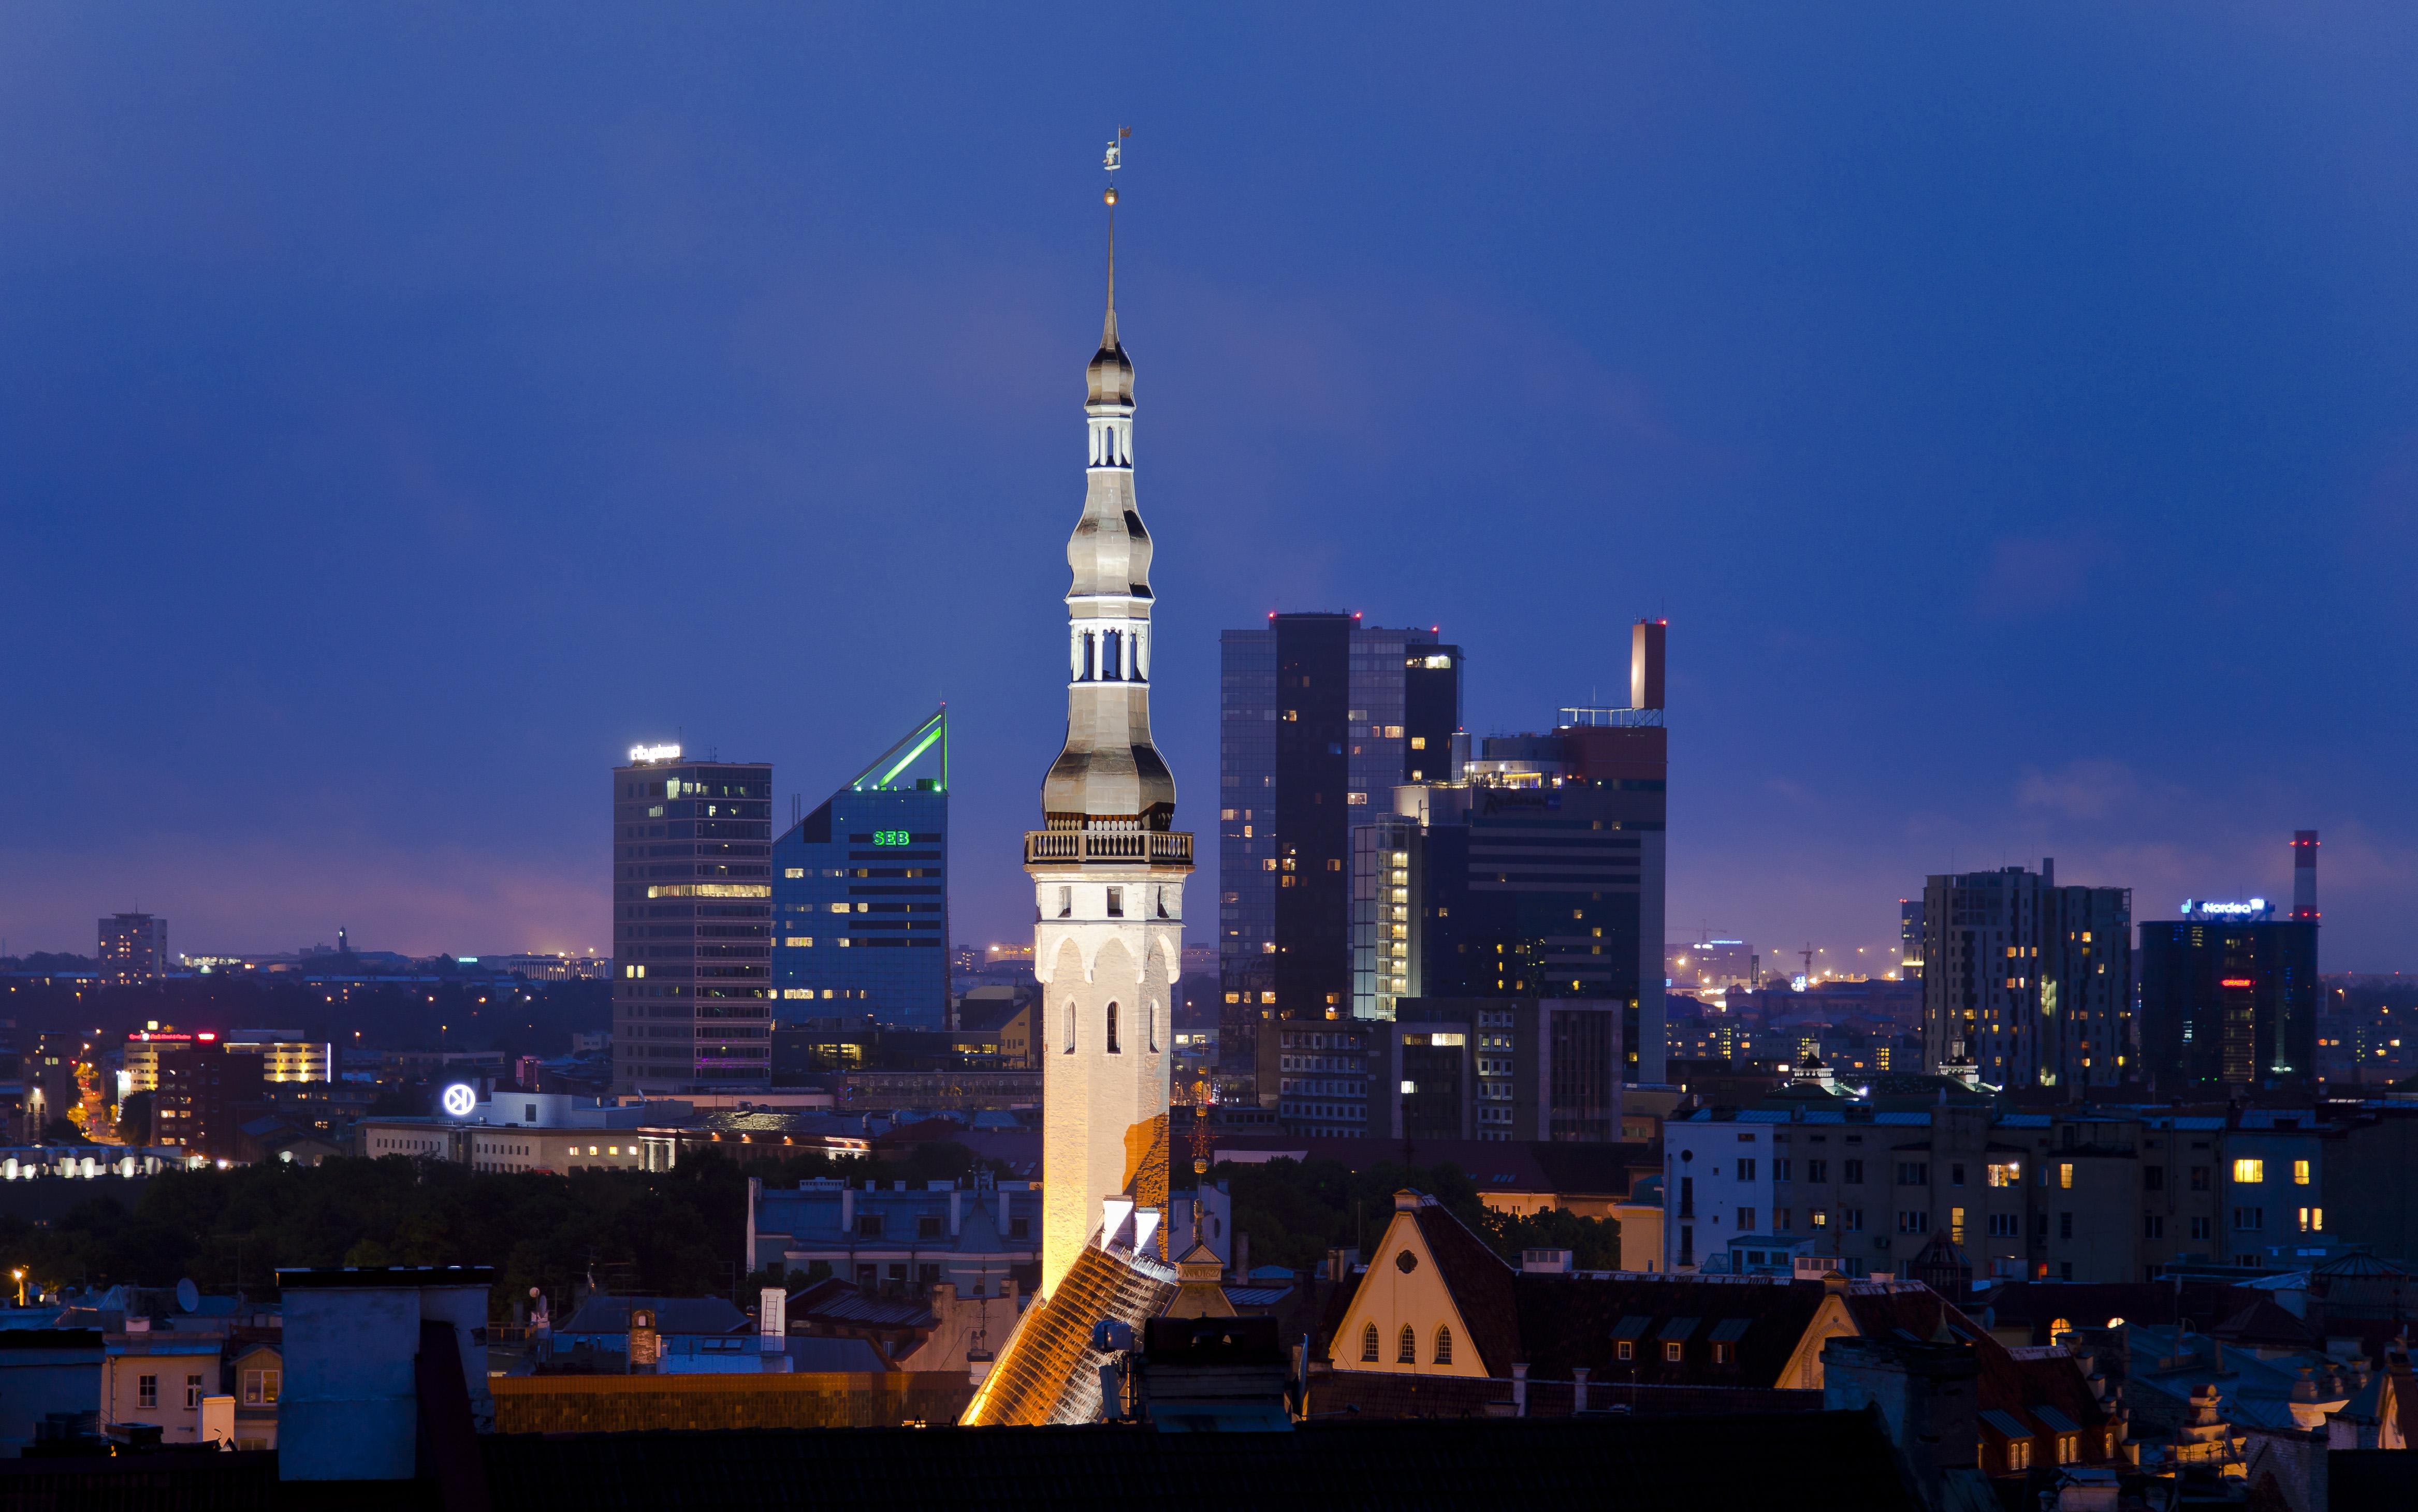 Chuyển phát nhanh giá rẻ đi Estonia